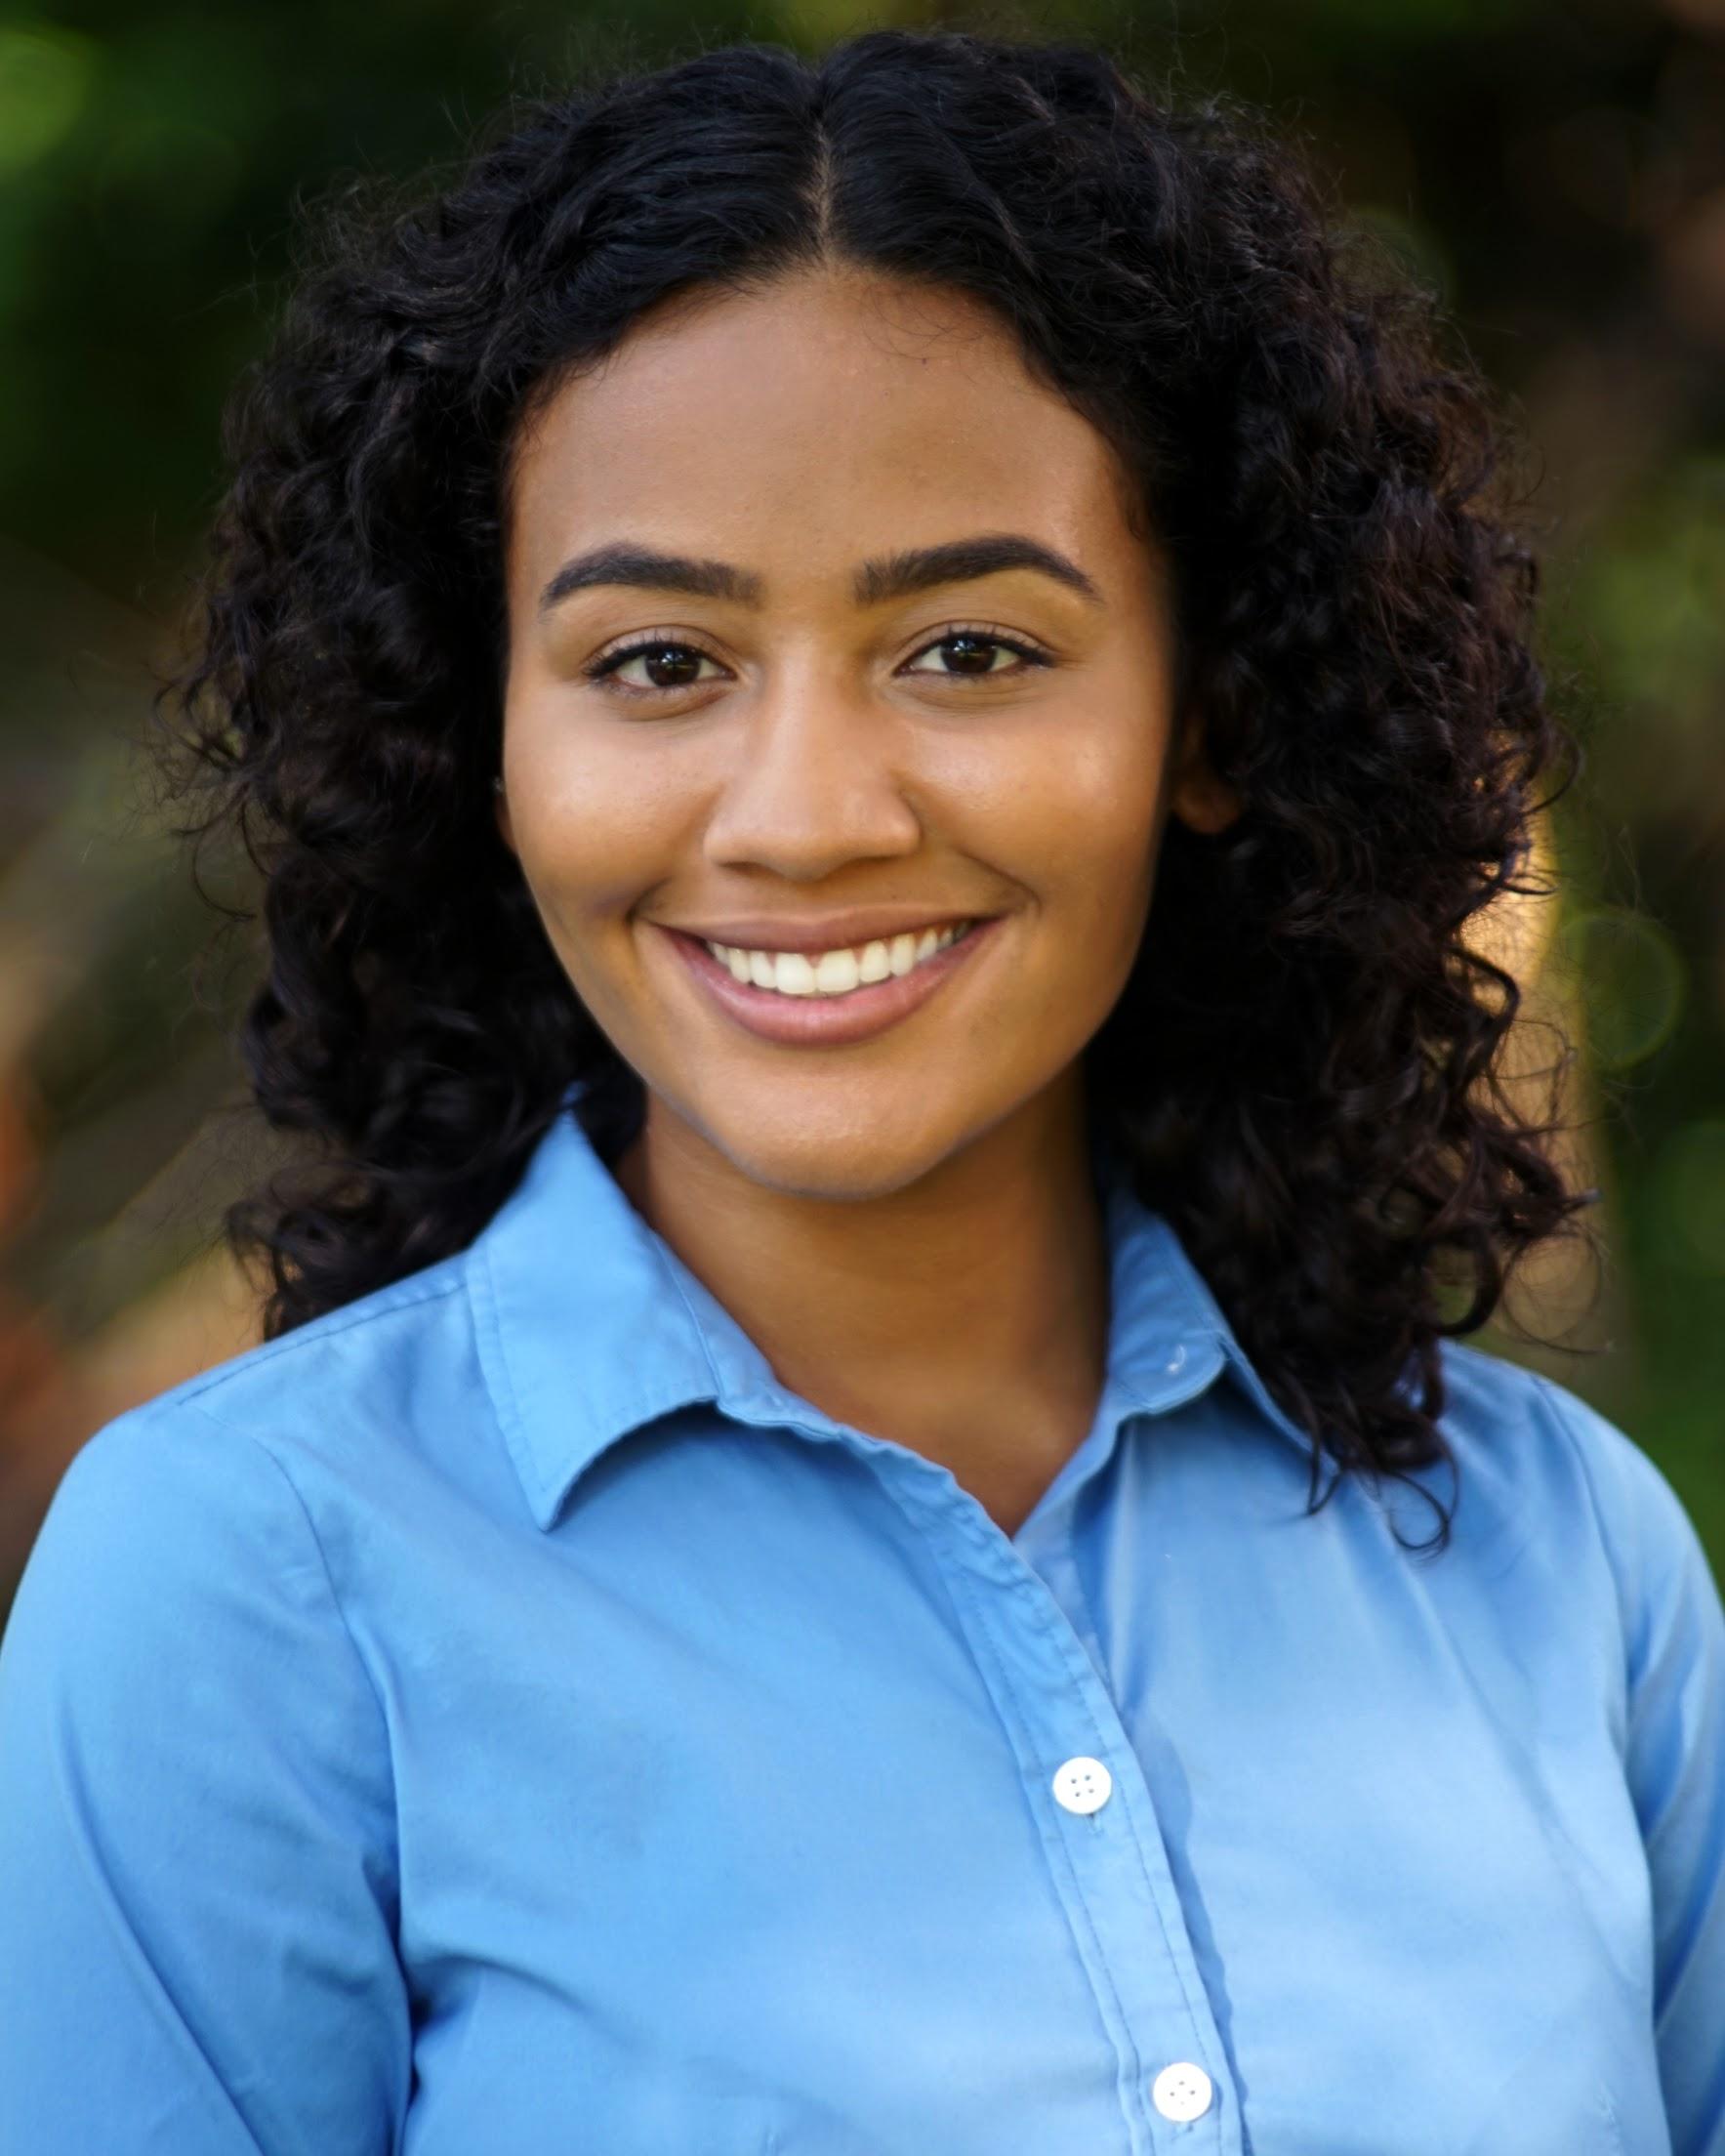 Arielle Duran